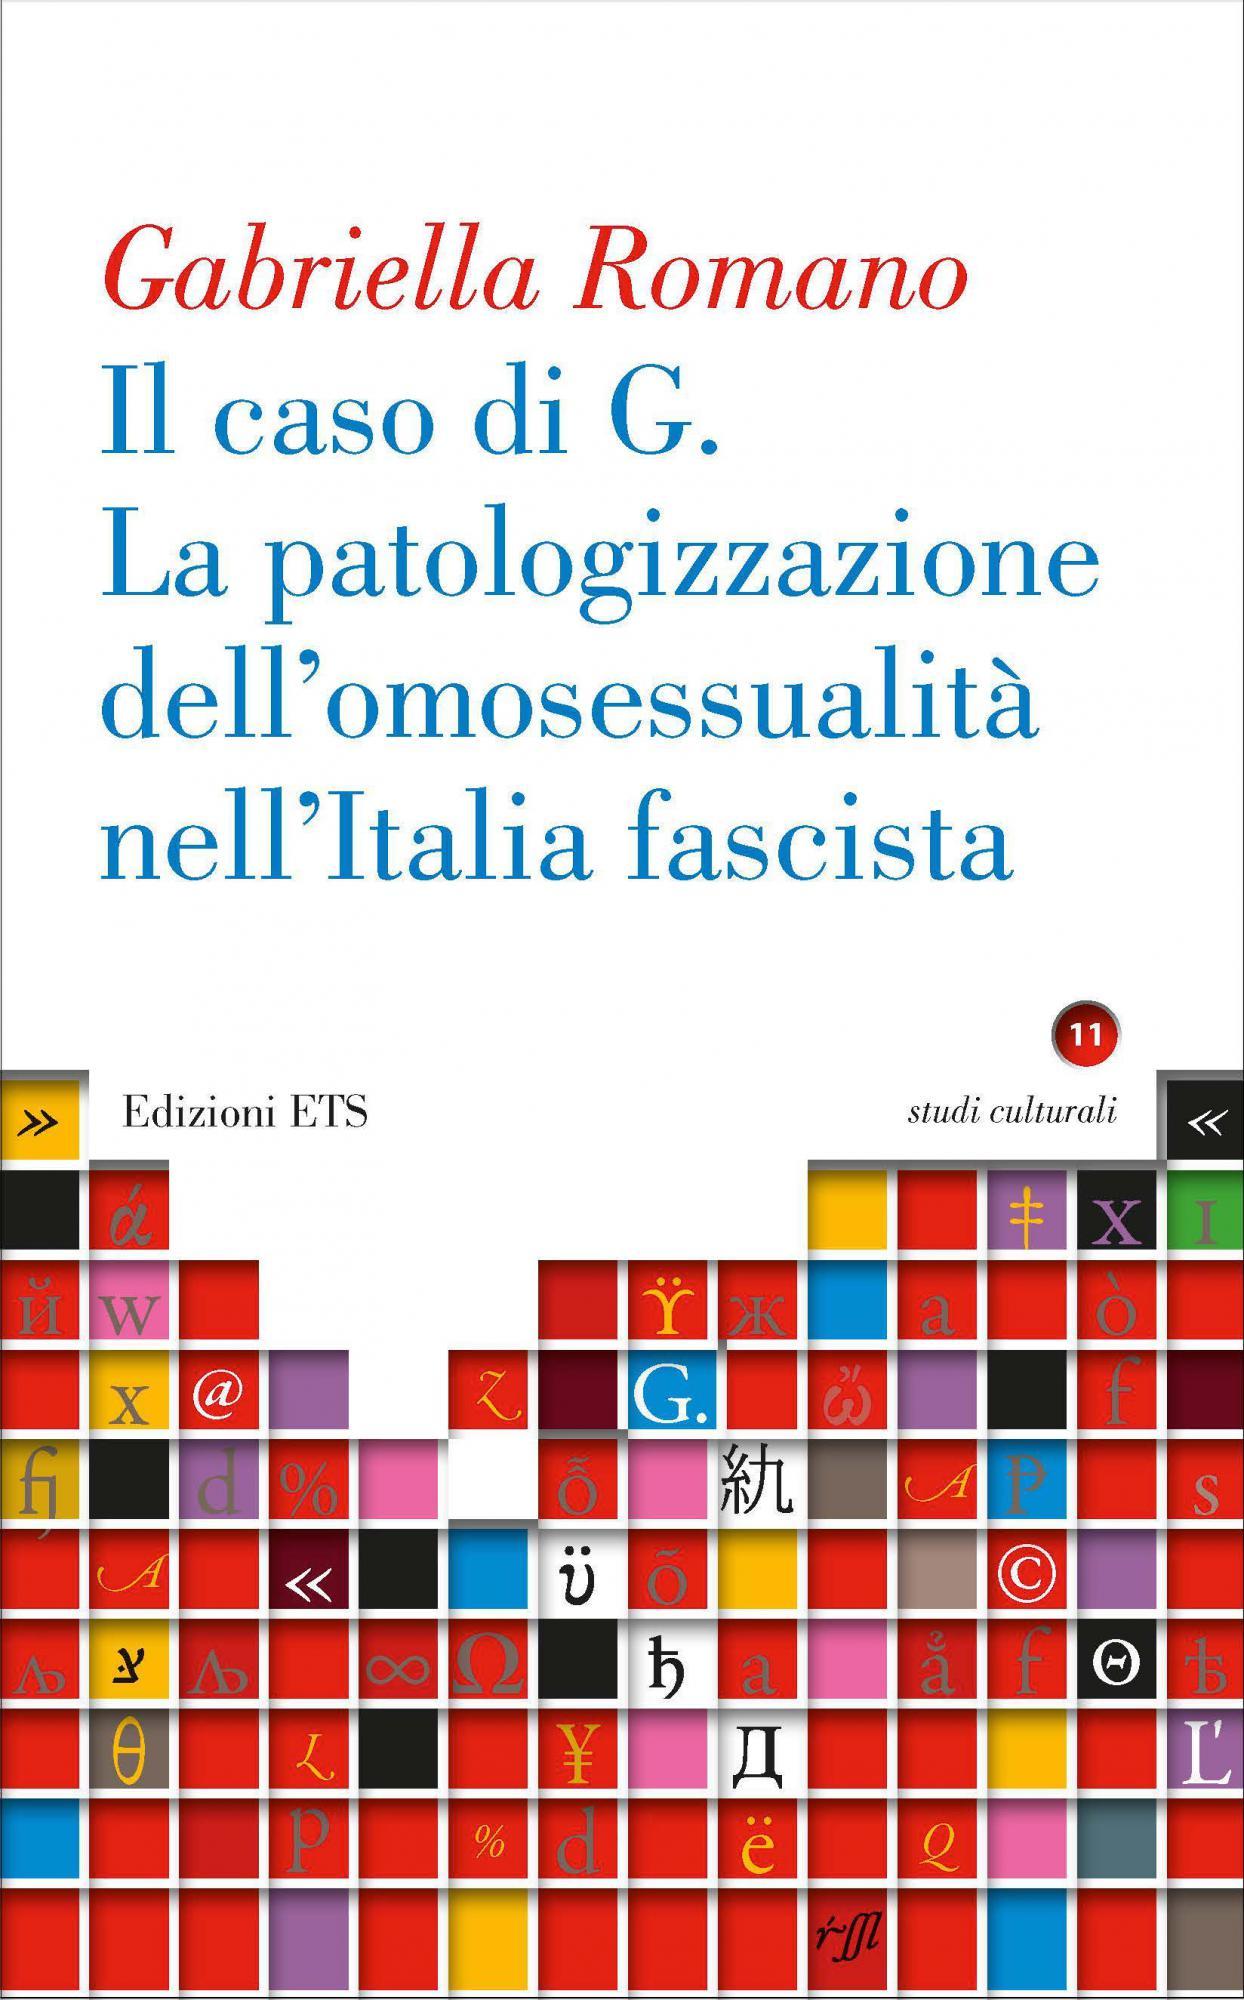 IL CASO DI G. La patologizzazione dell'omosessualità nell'Italia fascista